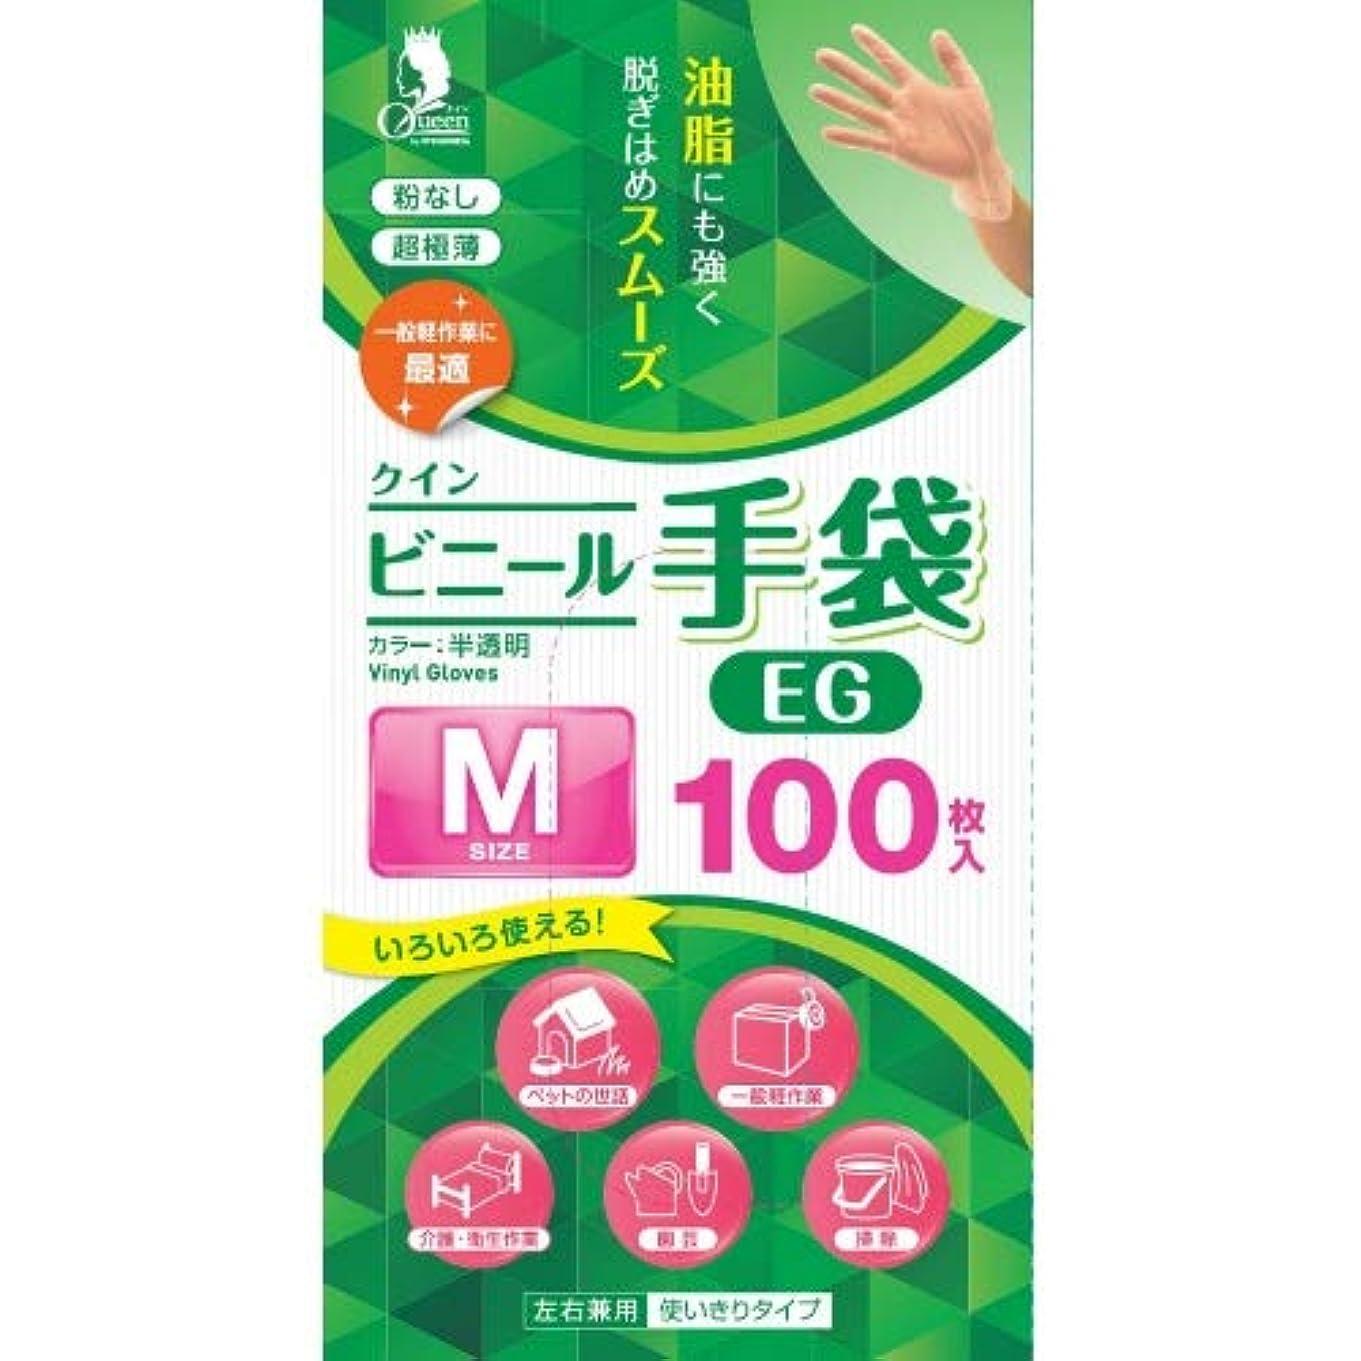 間に合わせフェザー正午宇都宮製作 クイン ビニール手袋 EG 粉なし 100枚入 Mサイズ